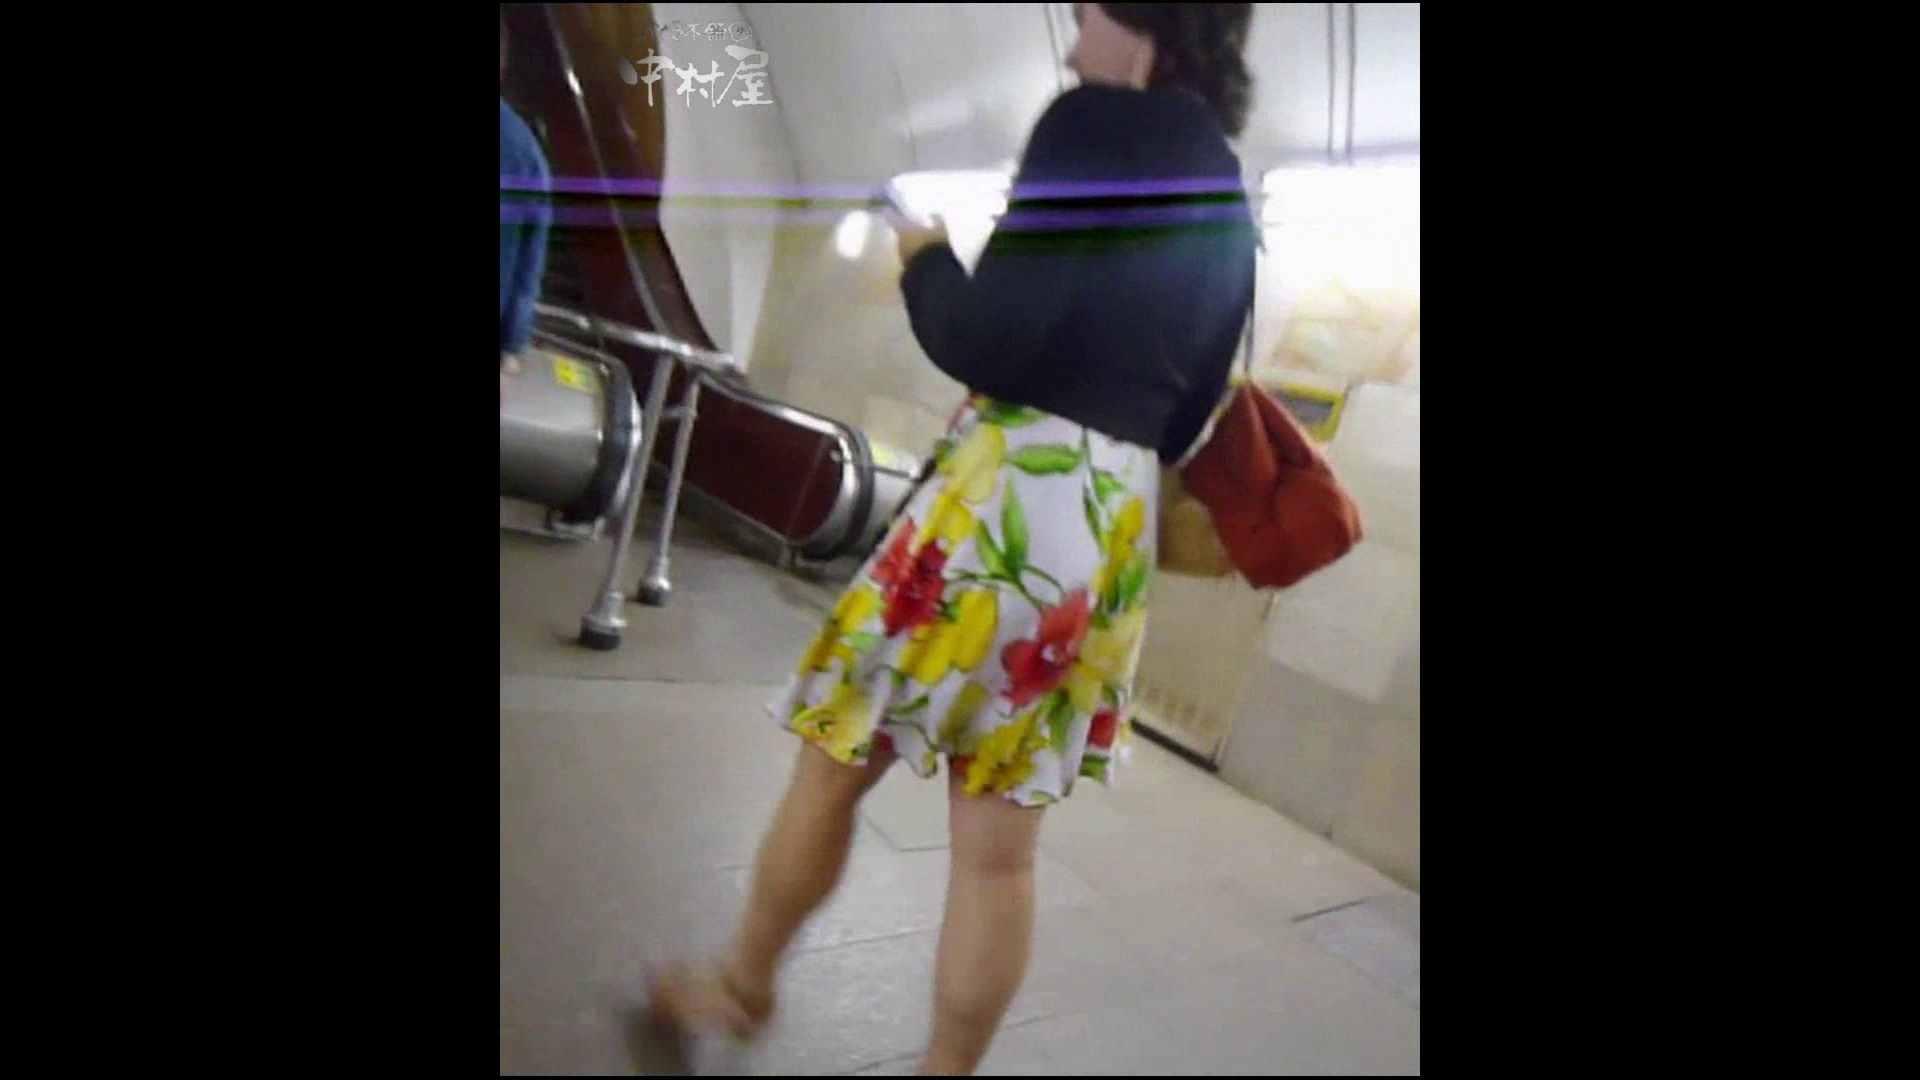 綺麗なモデルさんのスカート捲っちゃおう‼ vol28 お姉さんのエロ動画 | 0  111PIX 59